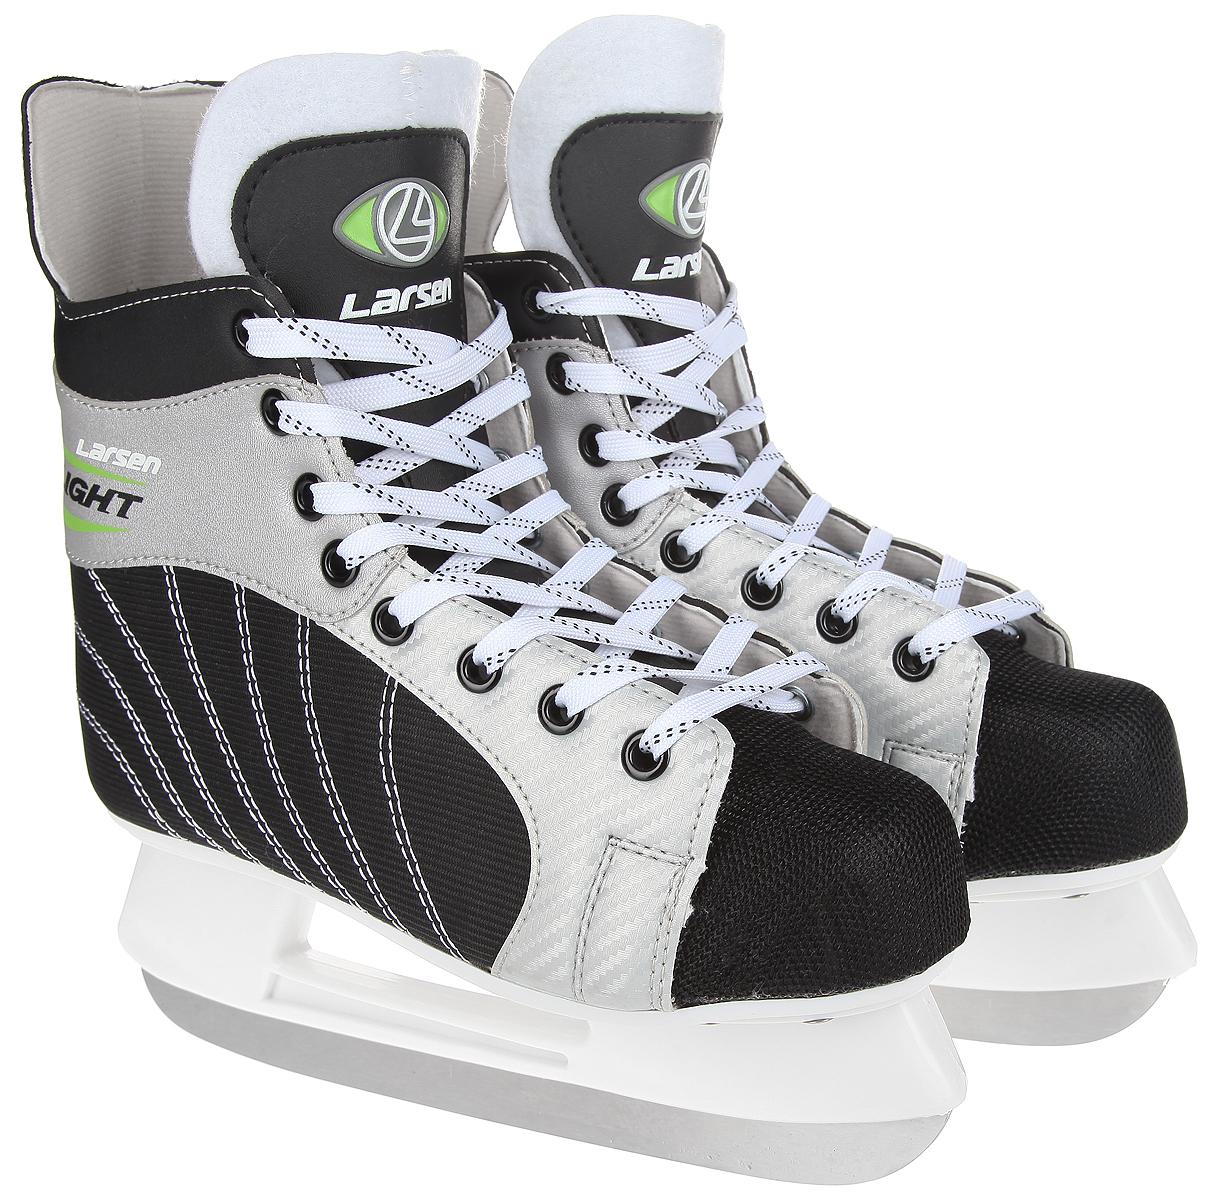 Коньки хоккейные мужские Larsen Light, цвет: черный, серебристый, белый. Размер 40LightСтильные коньки Light от Larsen прекрасно подойдут для начинающих игроков в хоккей. Ботинок выполнен из нейлона со вставками из морозоустойчивого поливинилхлорида. Мыс выполнен из полипропилена, покрытого сетчатым нейлоном, который защитит ноги от ударов. Внутренний слой изготовлен из материала Cambrelle, который обладает высокой гигроскопичностью и воздухопроницаемостью, имеет высокую степень устойчивости к истиранию, приятен на ощупь, быстро высыхает. Язычок из войлока обеспечивает дополнительное тепло. Плотная шнуровка надежно фиксирует модель на ноге. Голеностоп имеет удобный суппорт. Стелька из EVA с текстильной поверхностью обеспечит комфортное катание. Стойка выполнена из ударопрочного пластика. Лезвие из нержавеющей стали обеспечит превосходное скольжение. В комплект входят пластиковые чехлы для лезвия. Рекомендуемая температура использования: до -20°C.